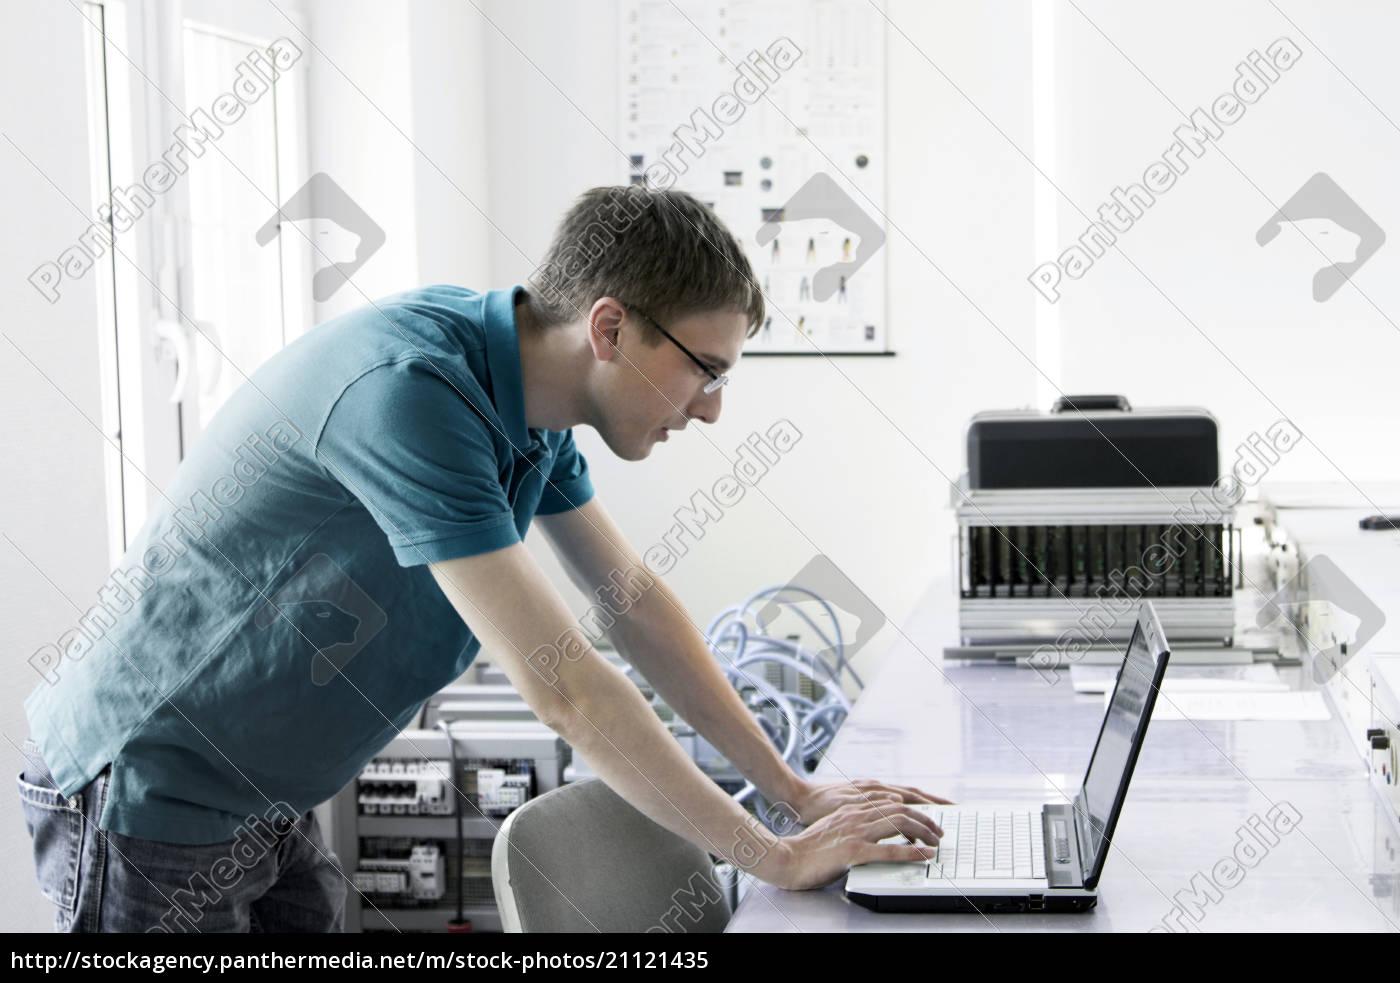 elektronischer, lehrling, mit, laptop, an, der - 21121435